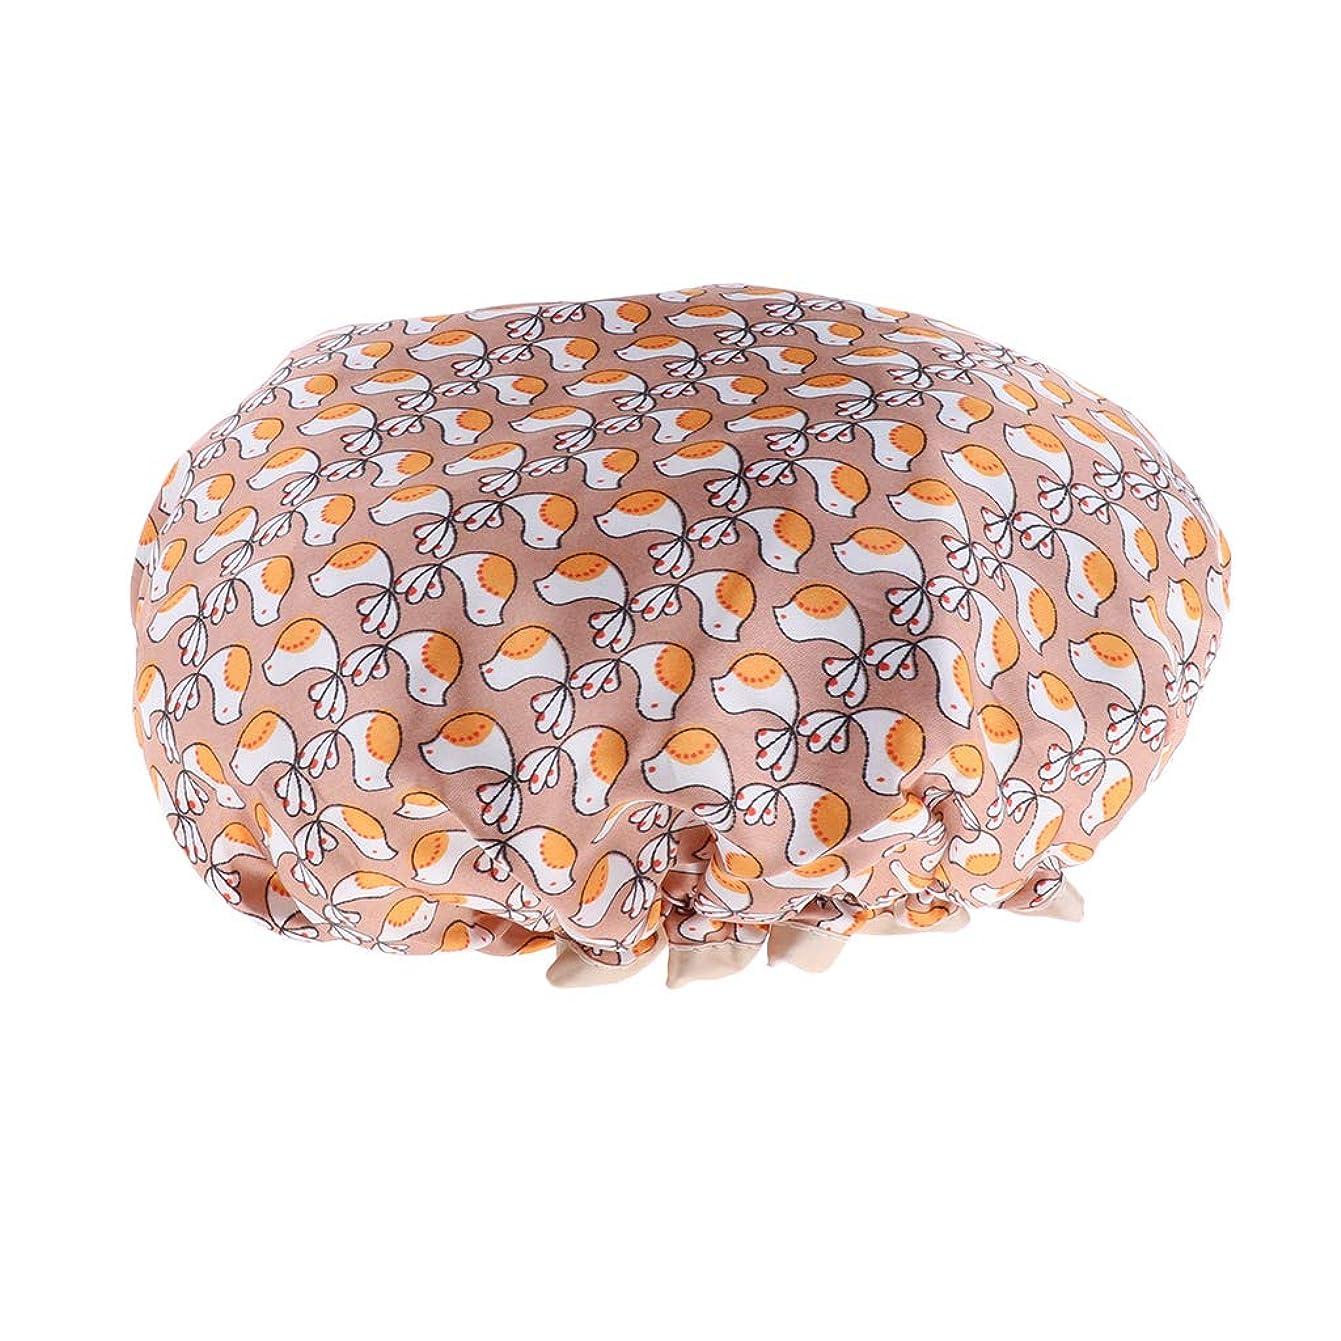 受粉者週間スティーブンソンD DOLITY シャワーキャップ ヘアキャップ 帽子 女性用 入浴 バス用品 二重層 防水 全3色 - ゴールド